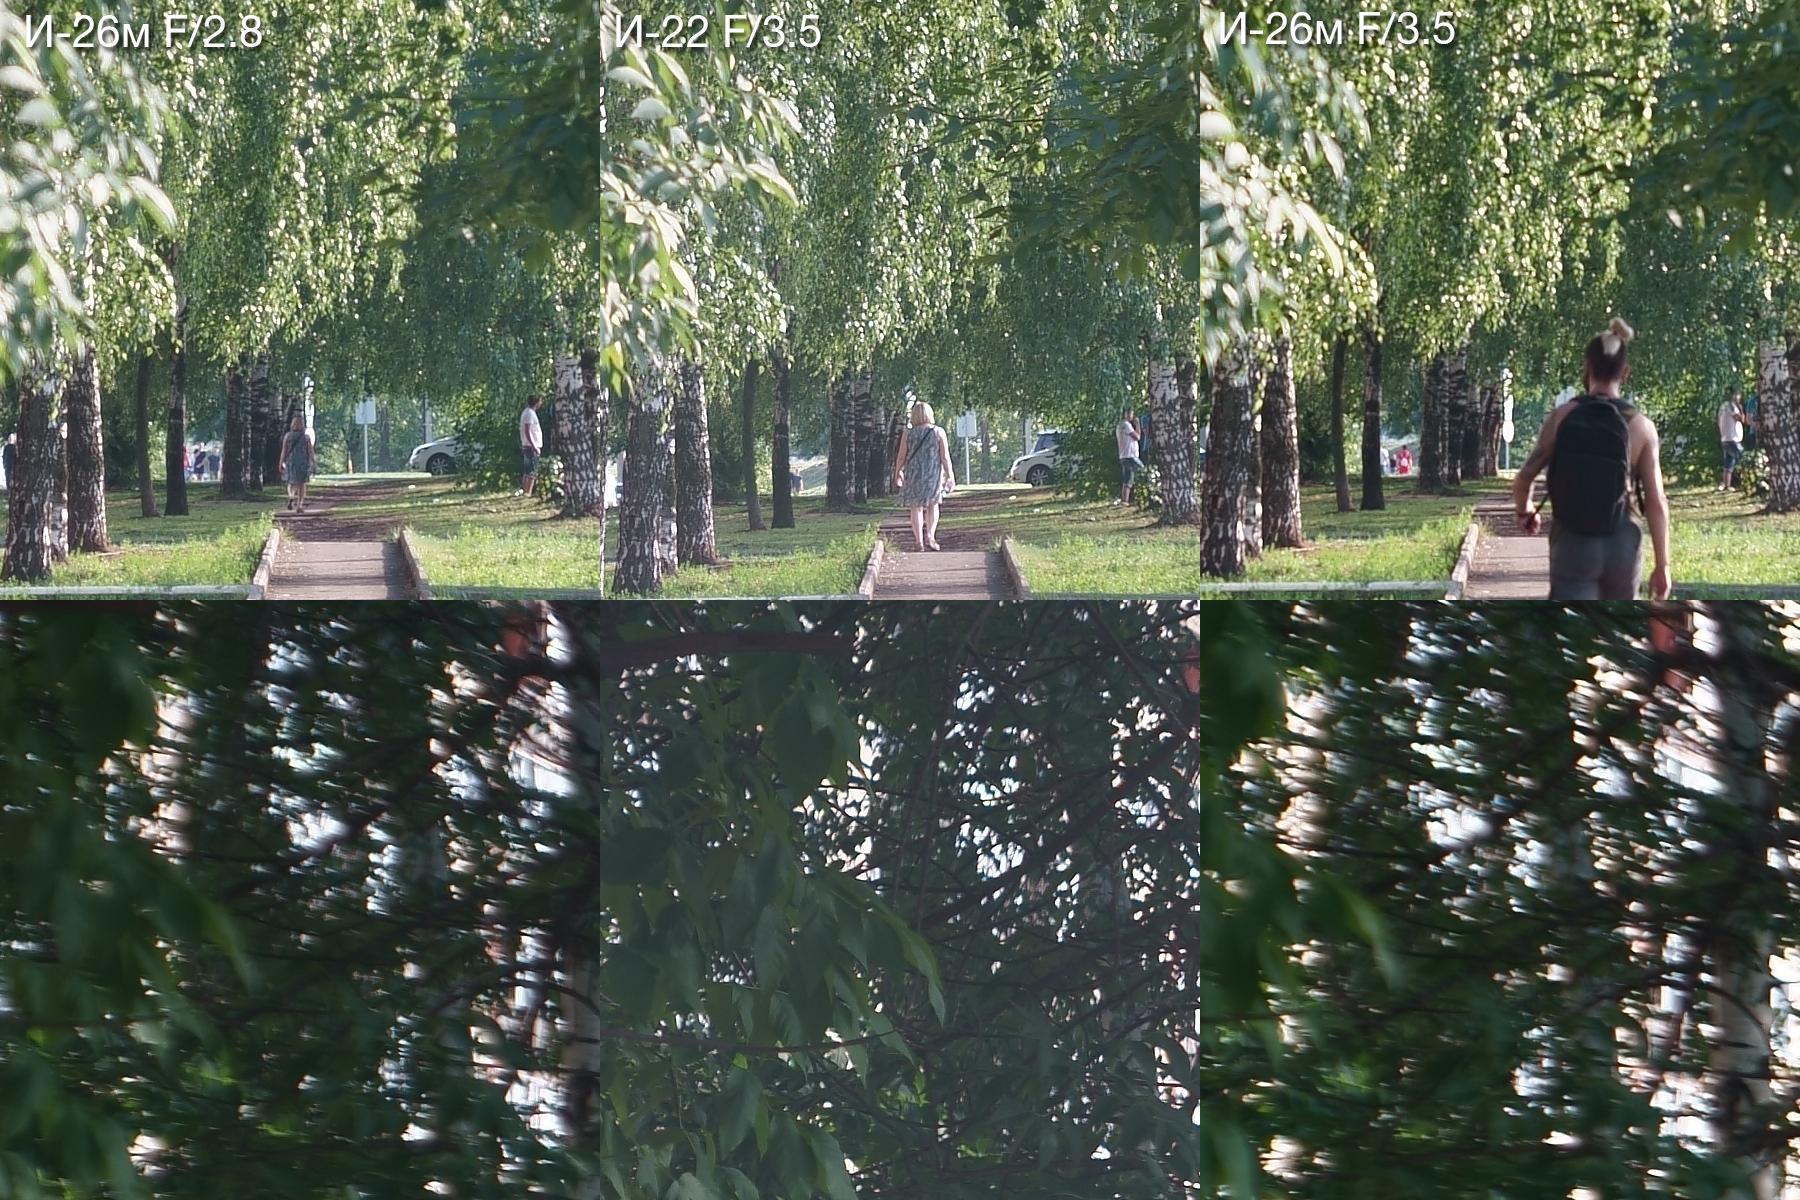 Кропы центра кадра (верхний ряд) и края изображения (нижний ряд) для первой серии снимков на Индустар-22 и Индустар-26м.